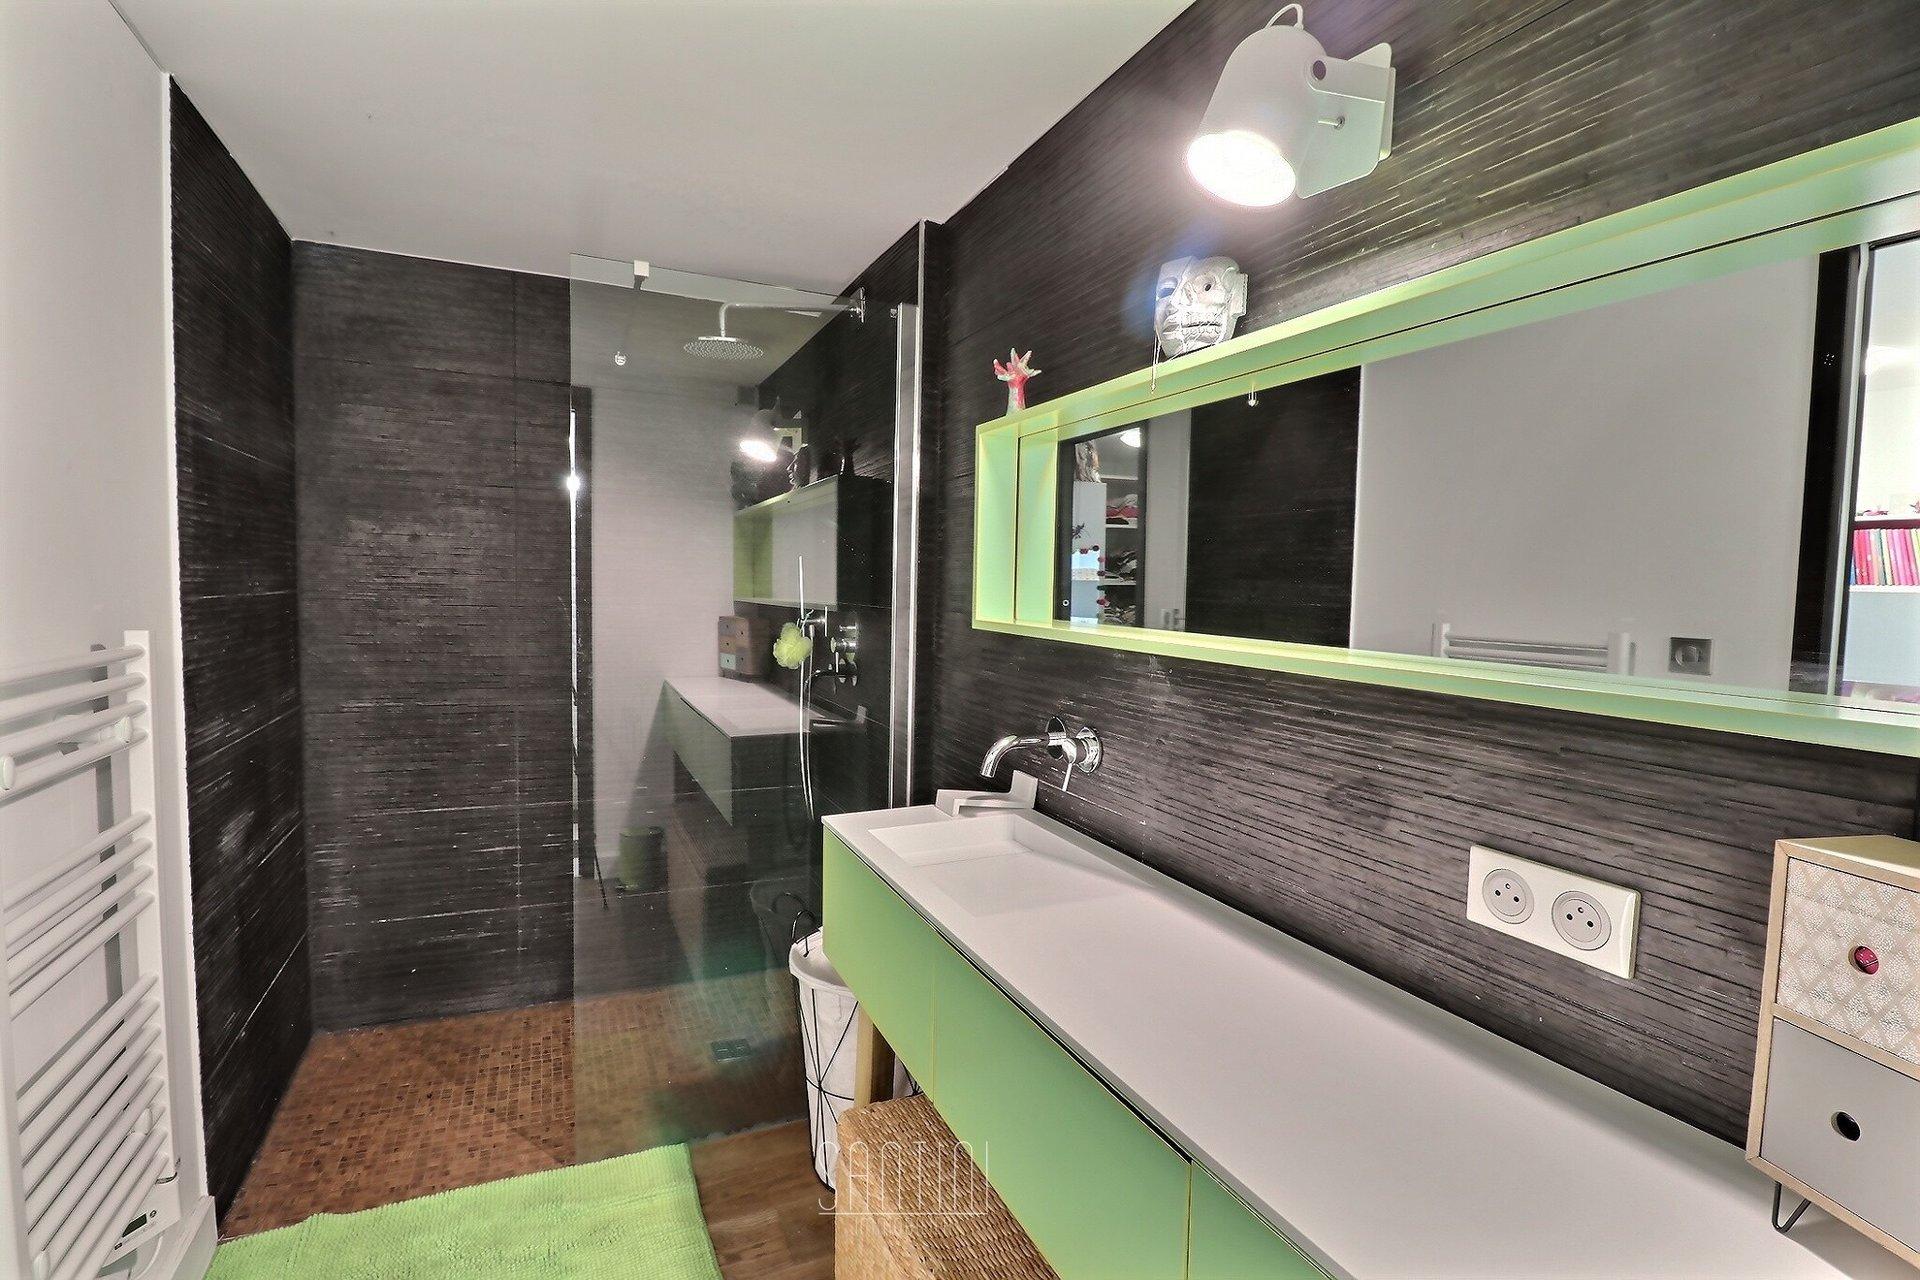 Appartement type loft 4 pièces - Ajaccio